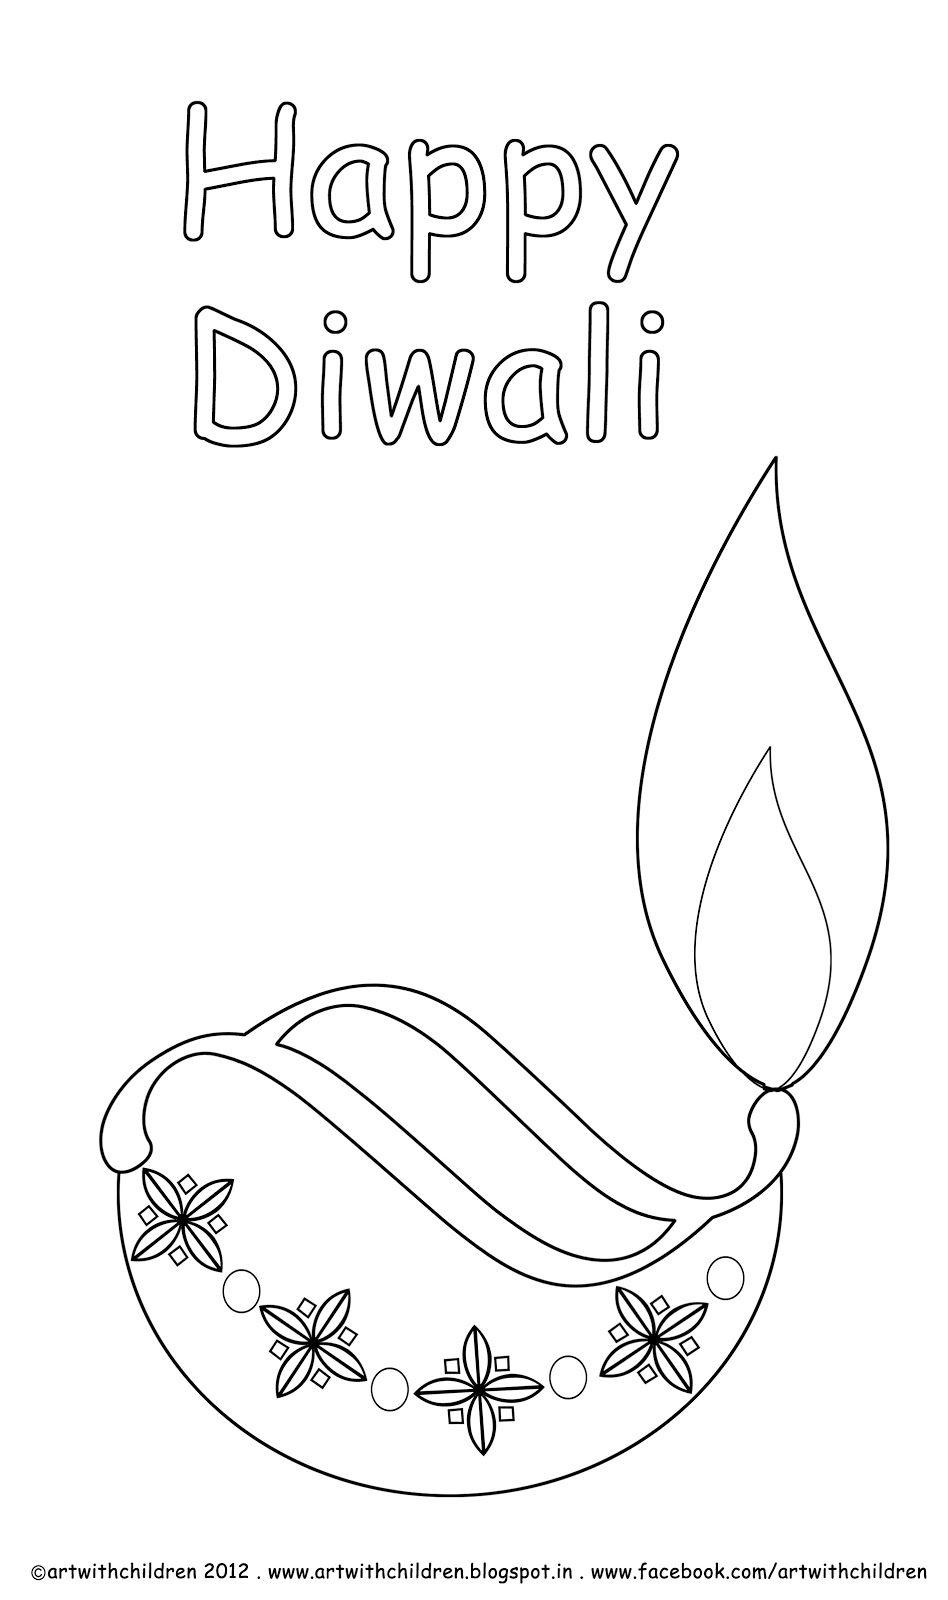 Diwali Diya Coloring Page Fall Coloring Pictures Family Picture Colors Coloring Pictures For Kids